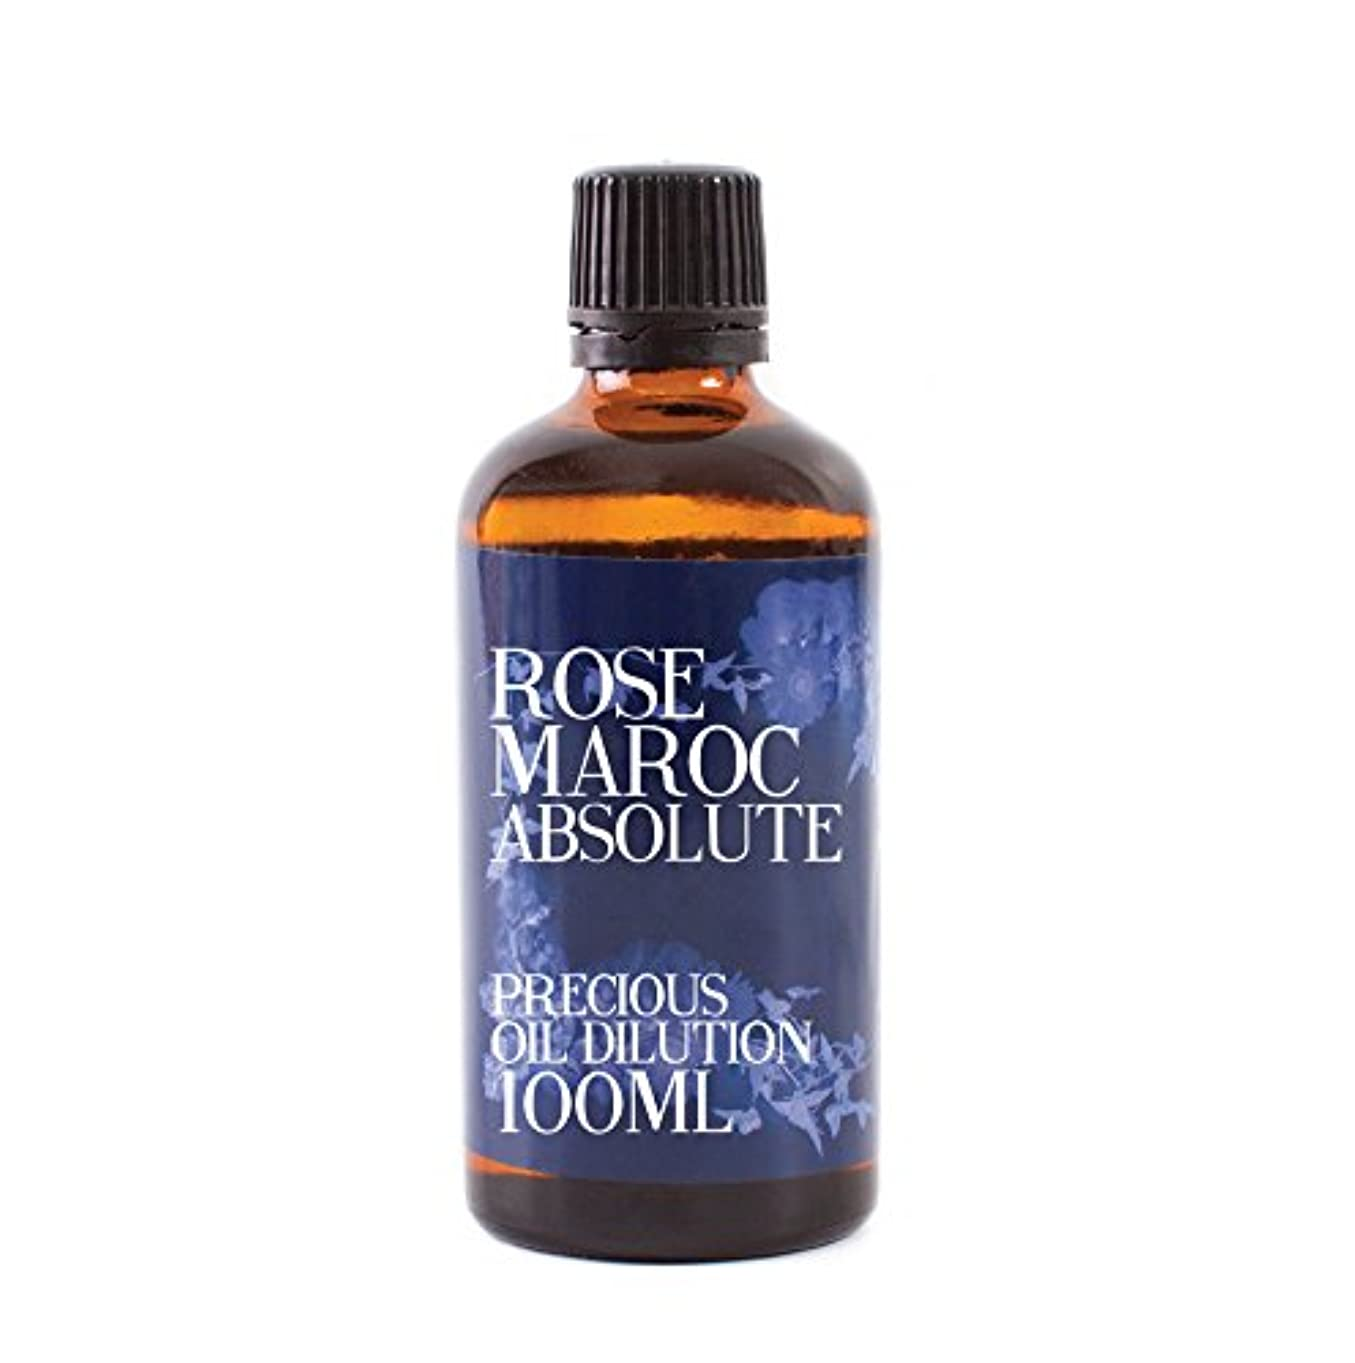 勇敢なでる悲しいRose Maroc Absolute Oil Dilution - 100ml - 3% Jojoba Blend